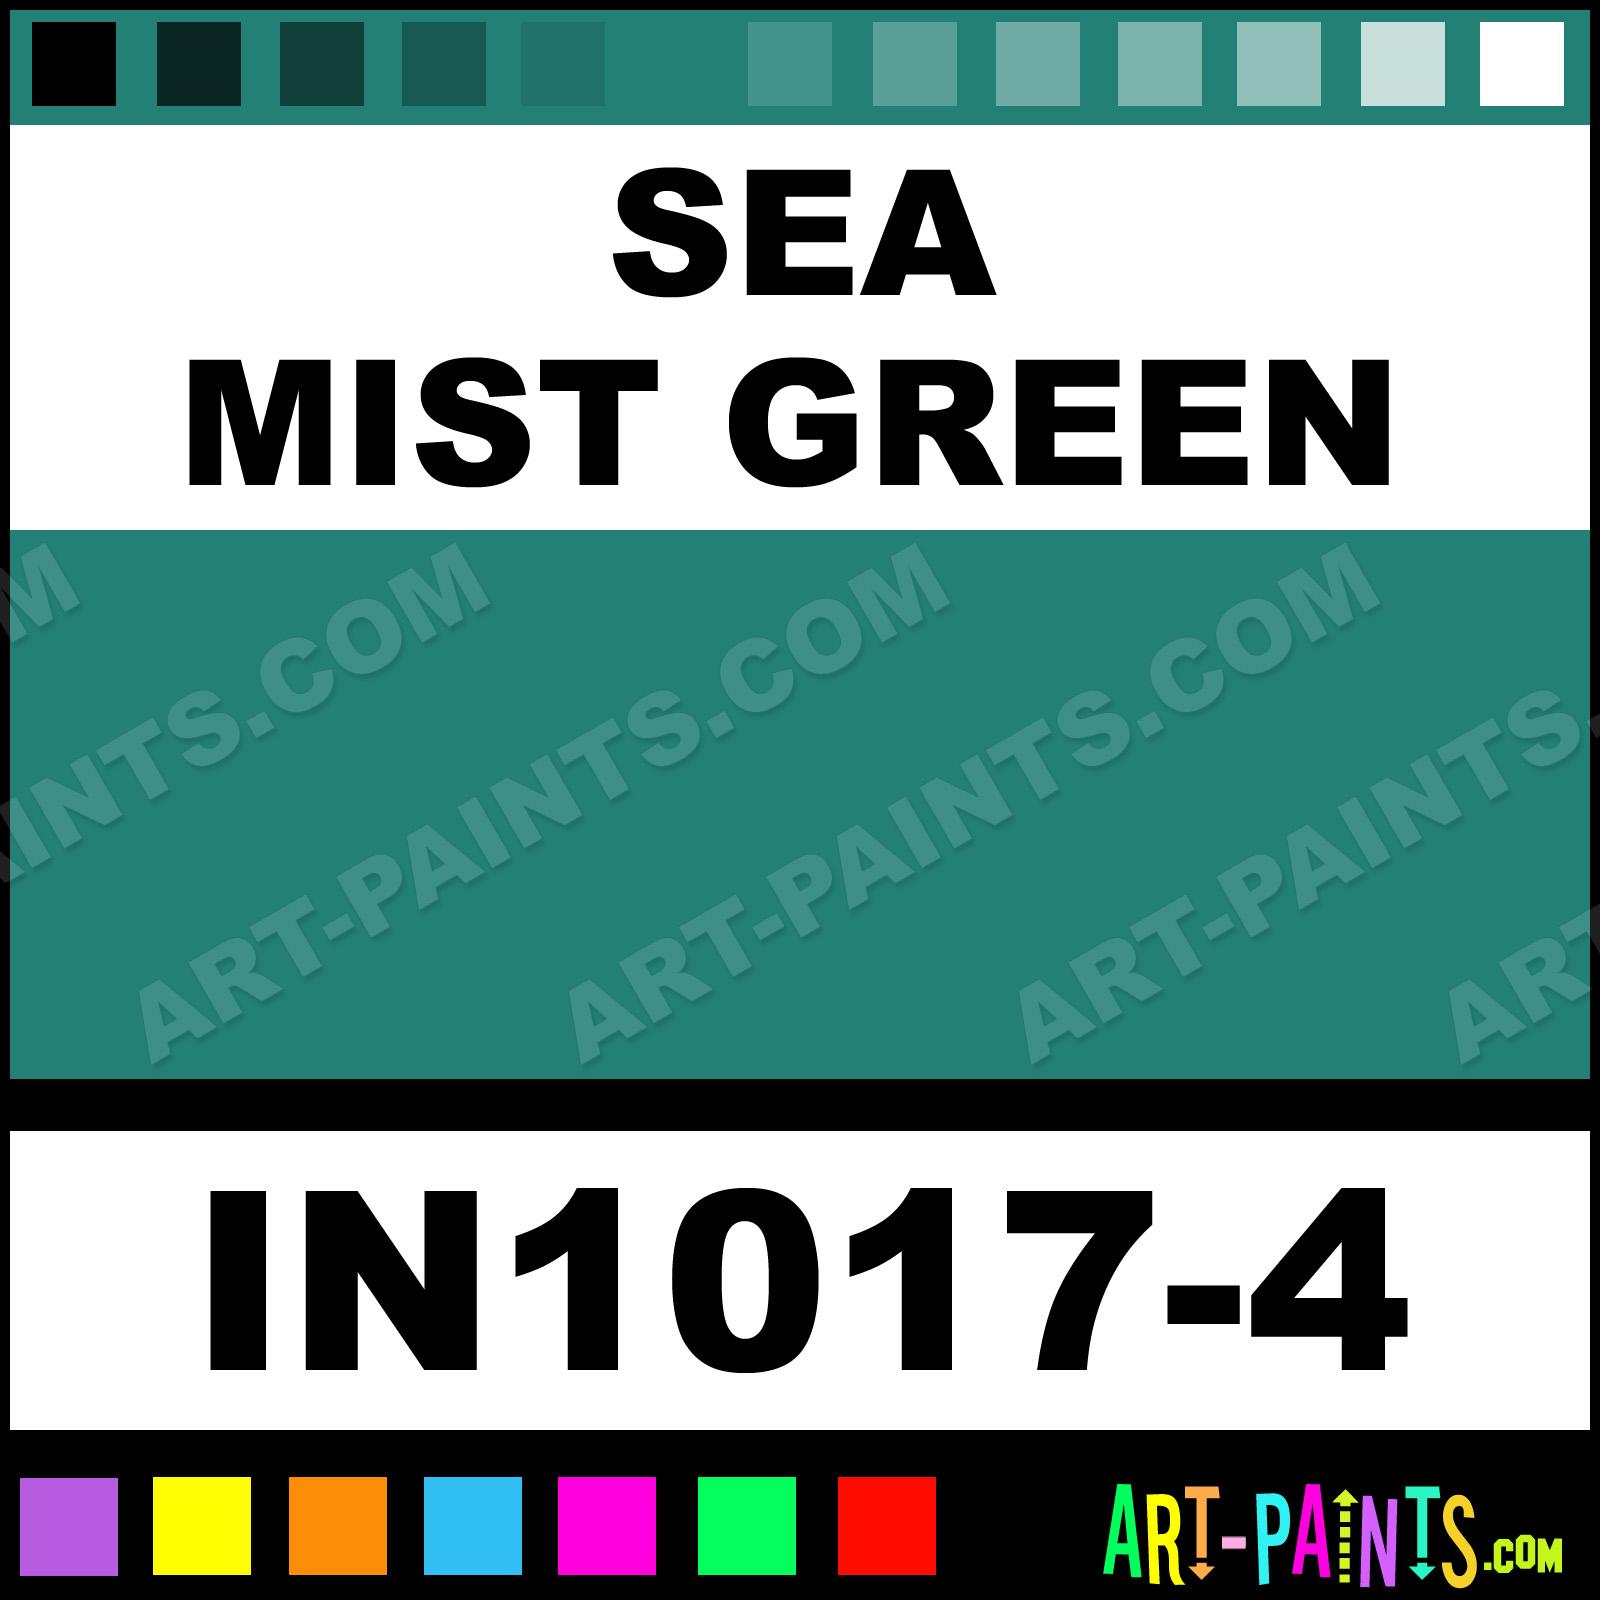 Sea Mist Green Paint